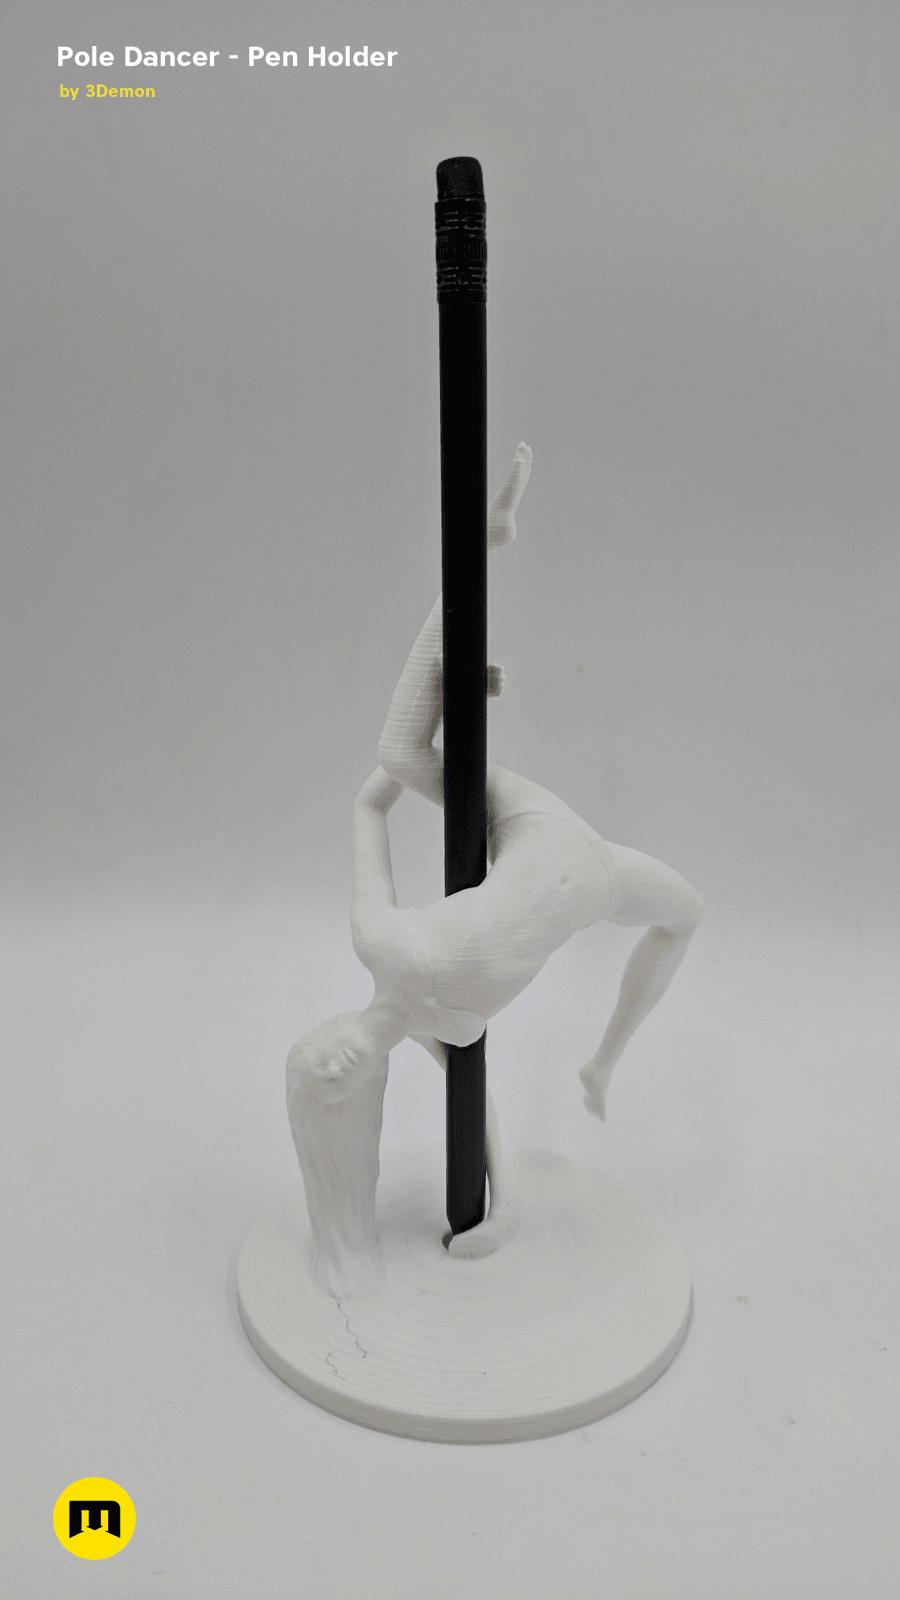 IMG_20190219_142016.png Download STL file Pole Dancer - Pen Holder • Object to 3D print, 3D-mon